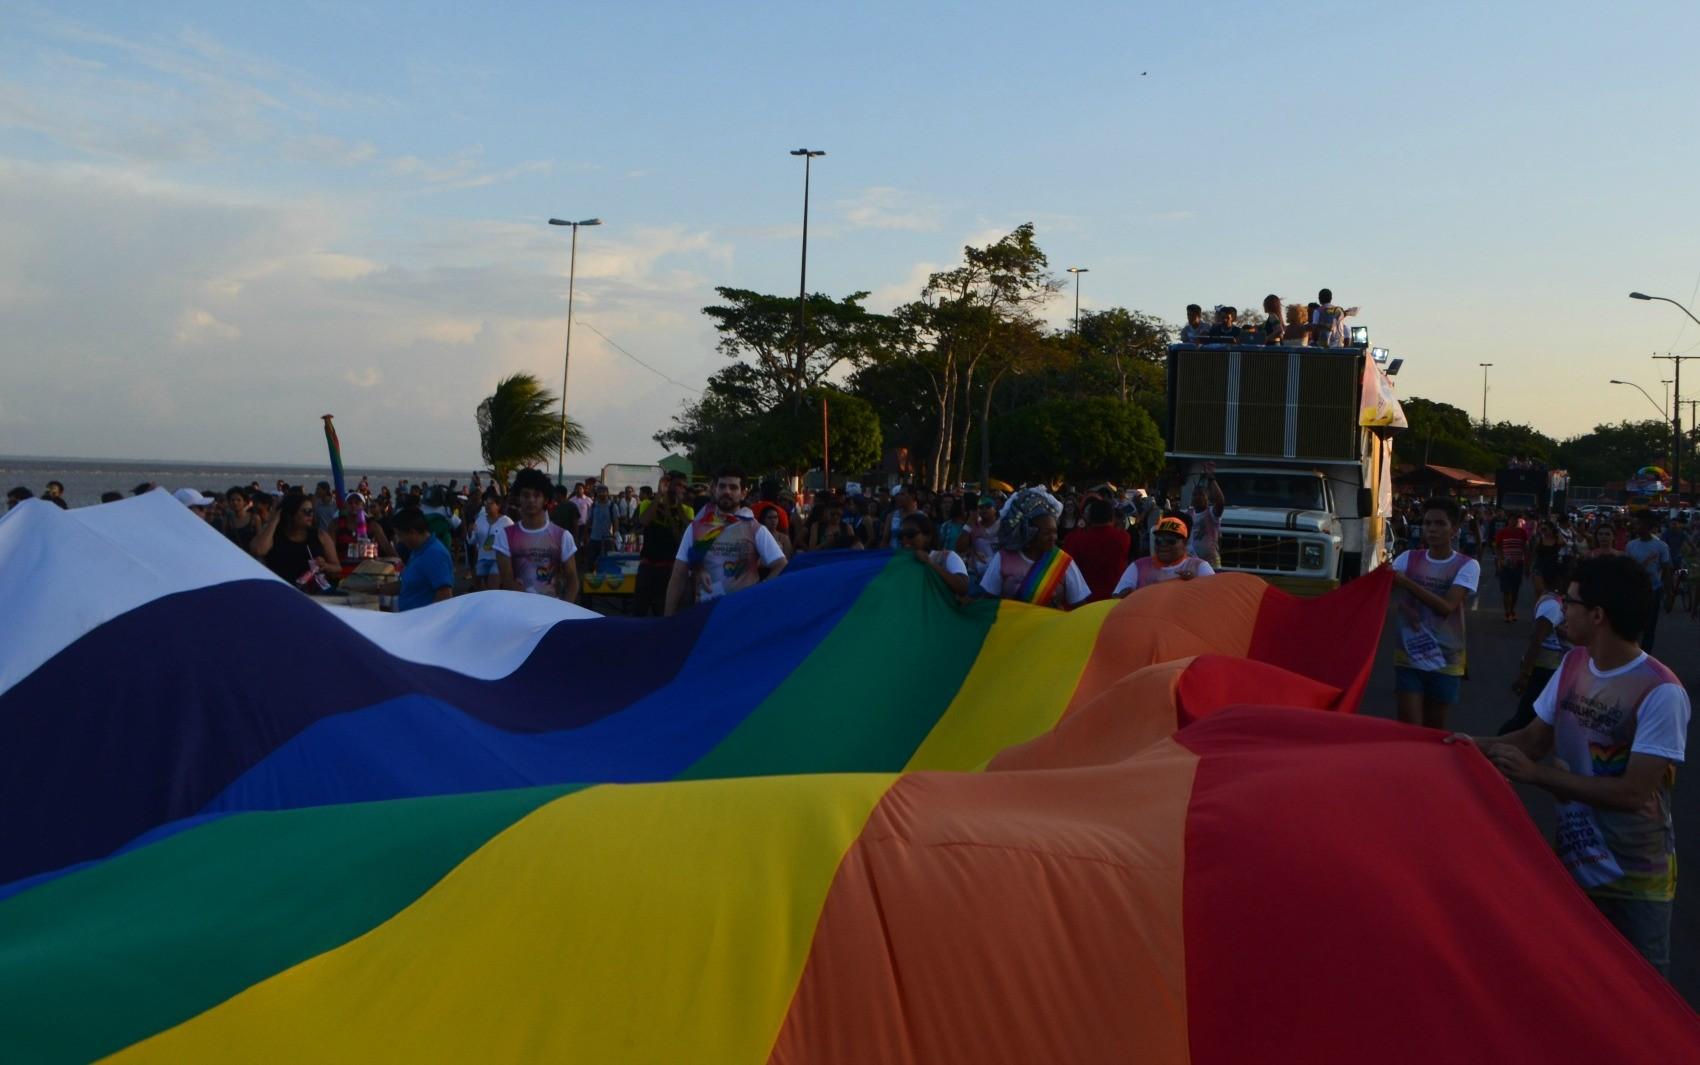 Parada do Orgulho LGBTQIA+ chega à 20ª edição em Macapá, em formato de 'live' e com 10 shows